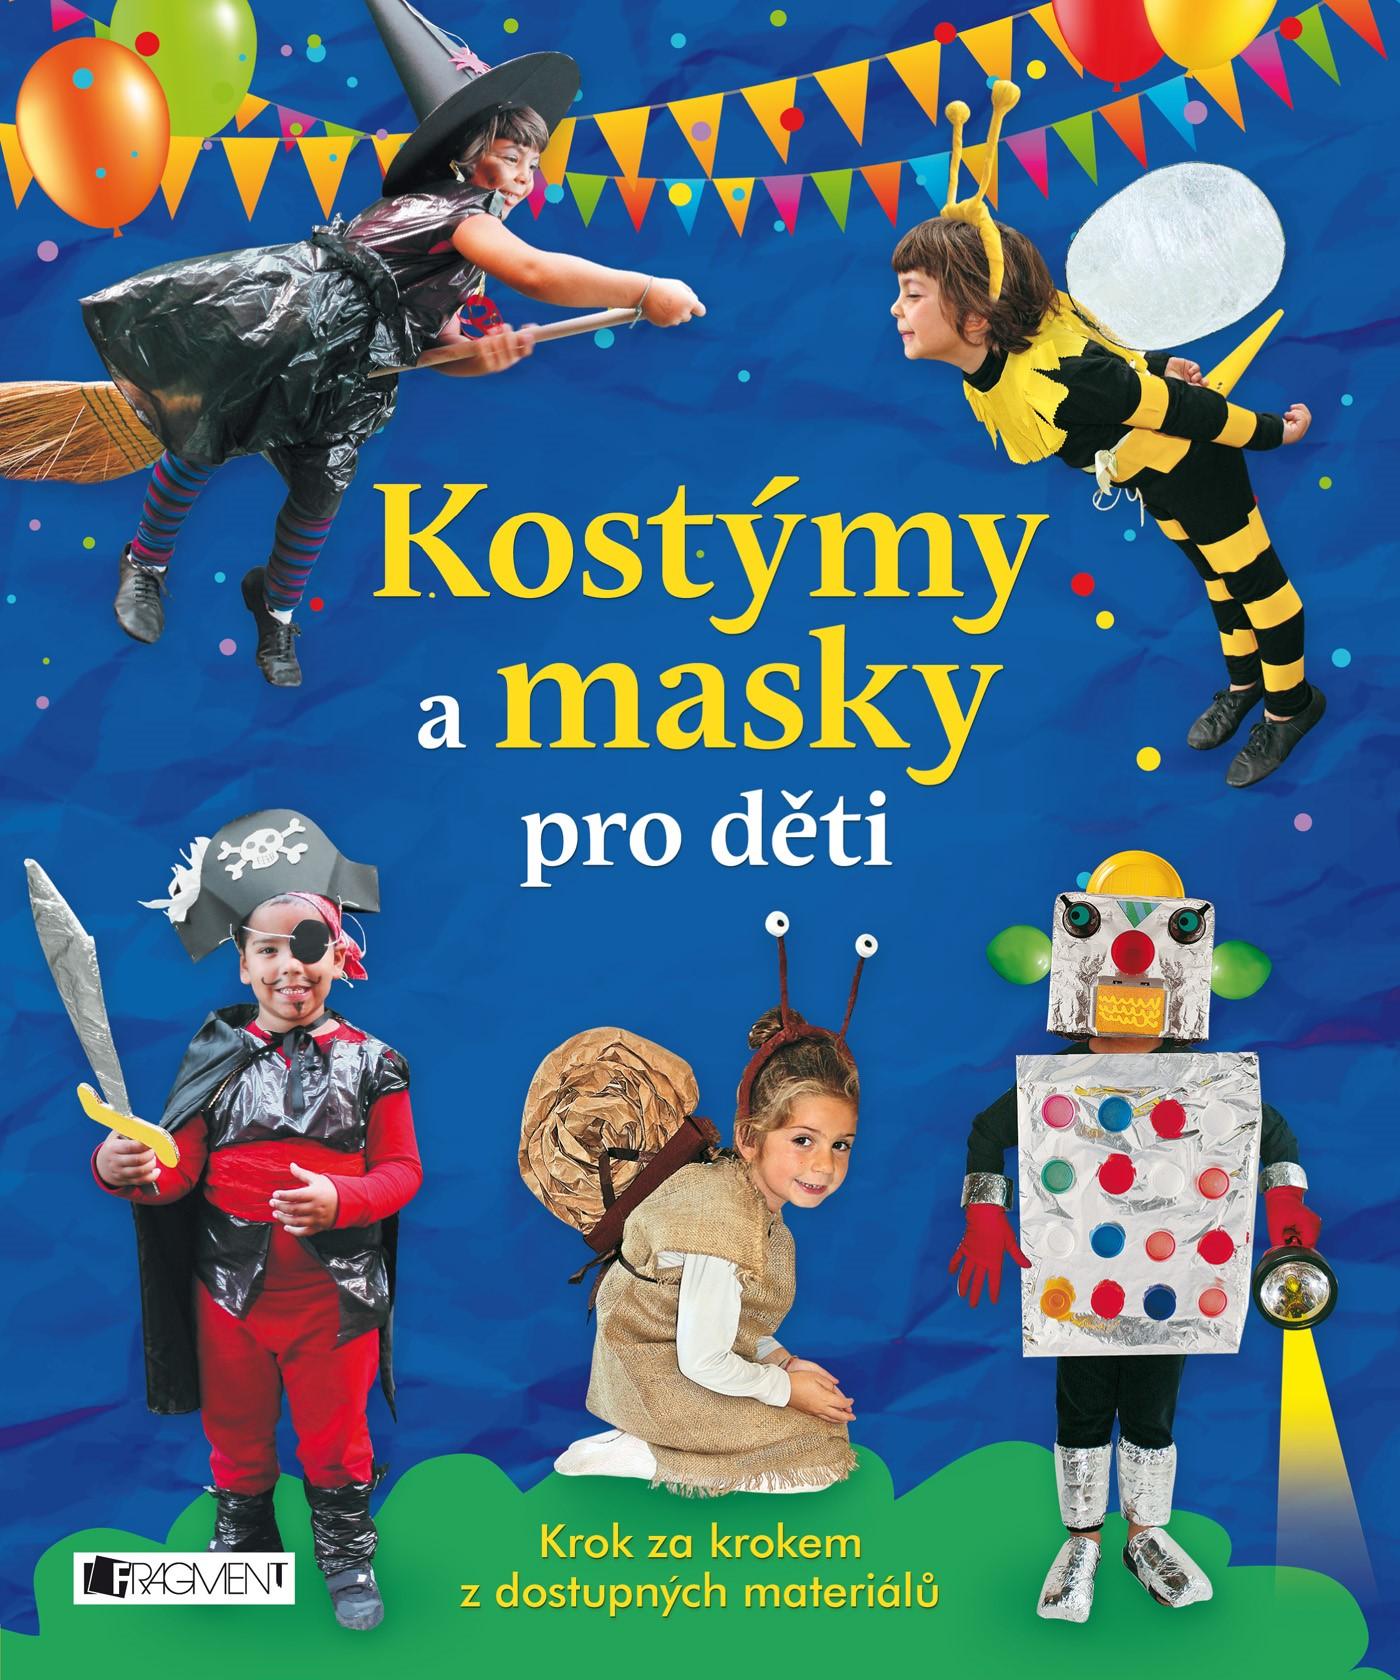 Kostýmy a masky pro děti | Irene Mazza